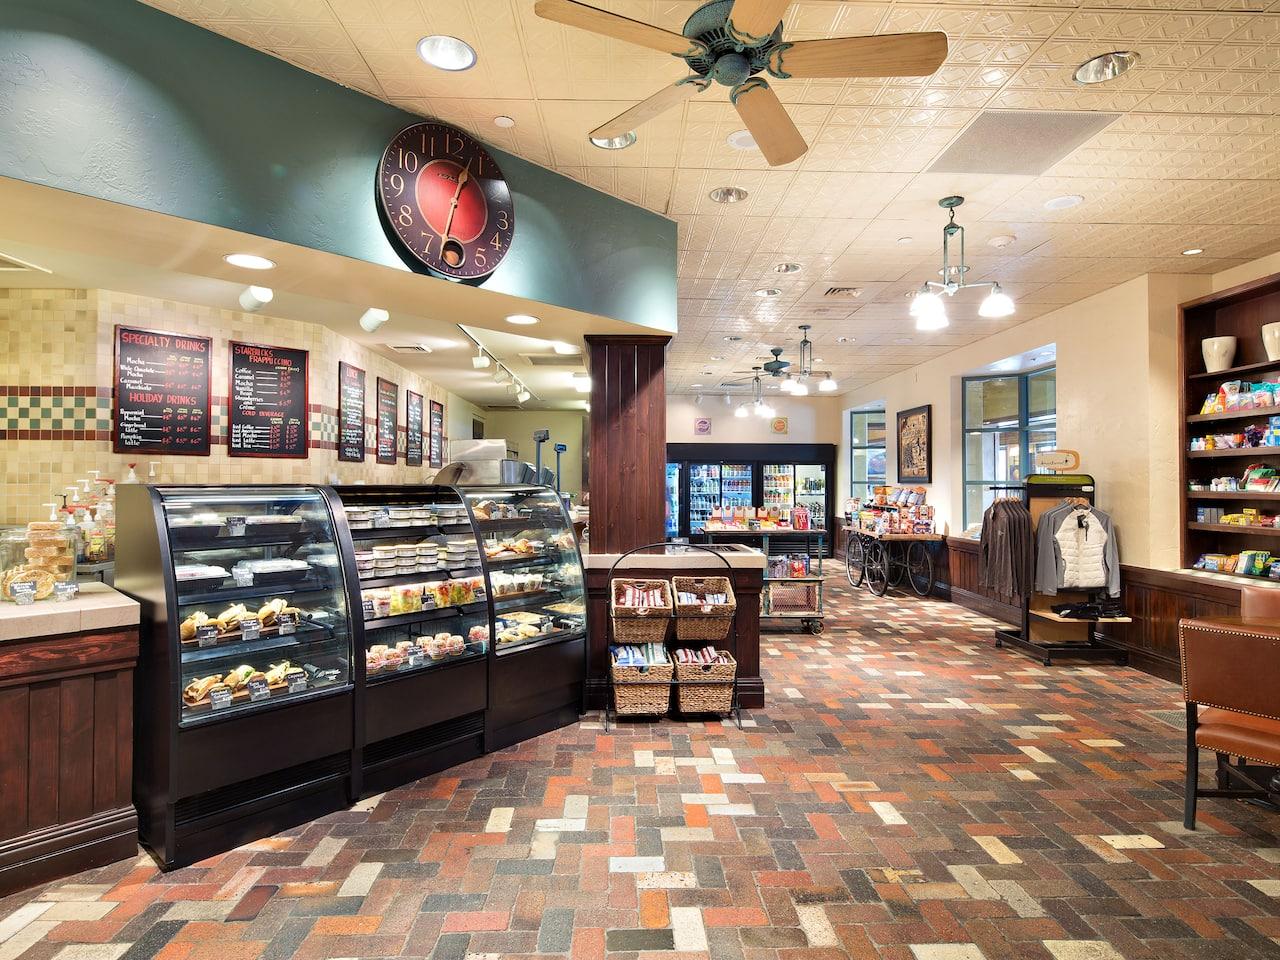 Cafe Dining Park Hyatt Beaver Creek Resort and Spa